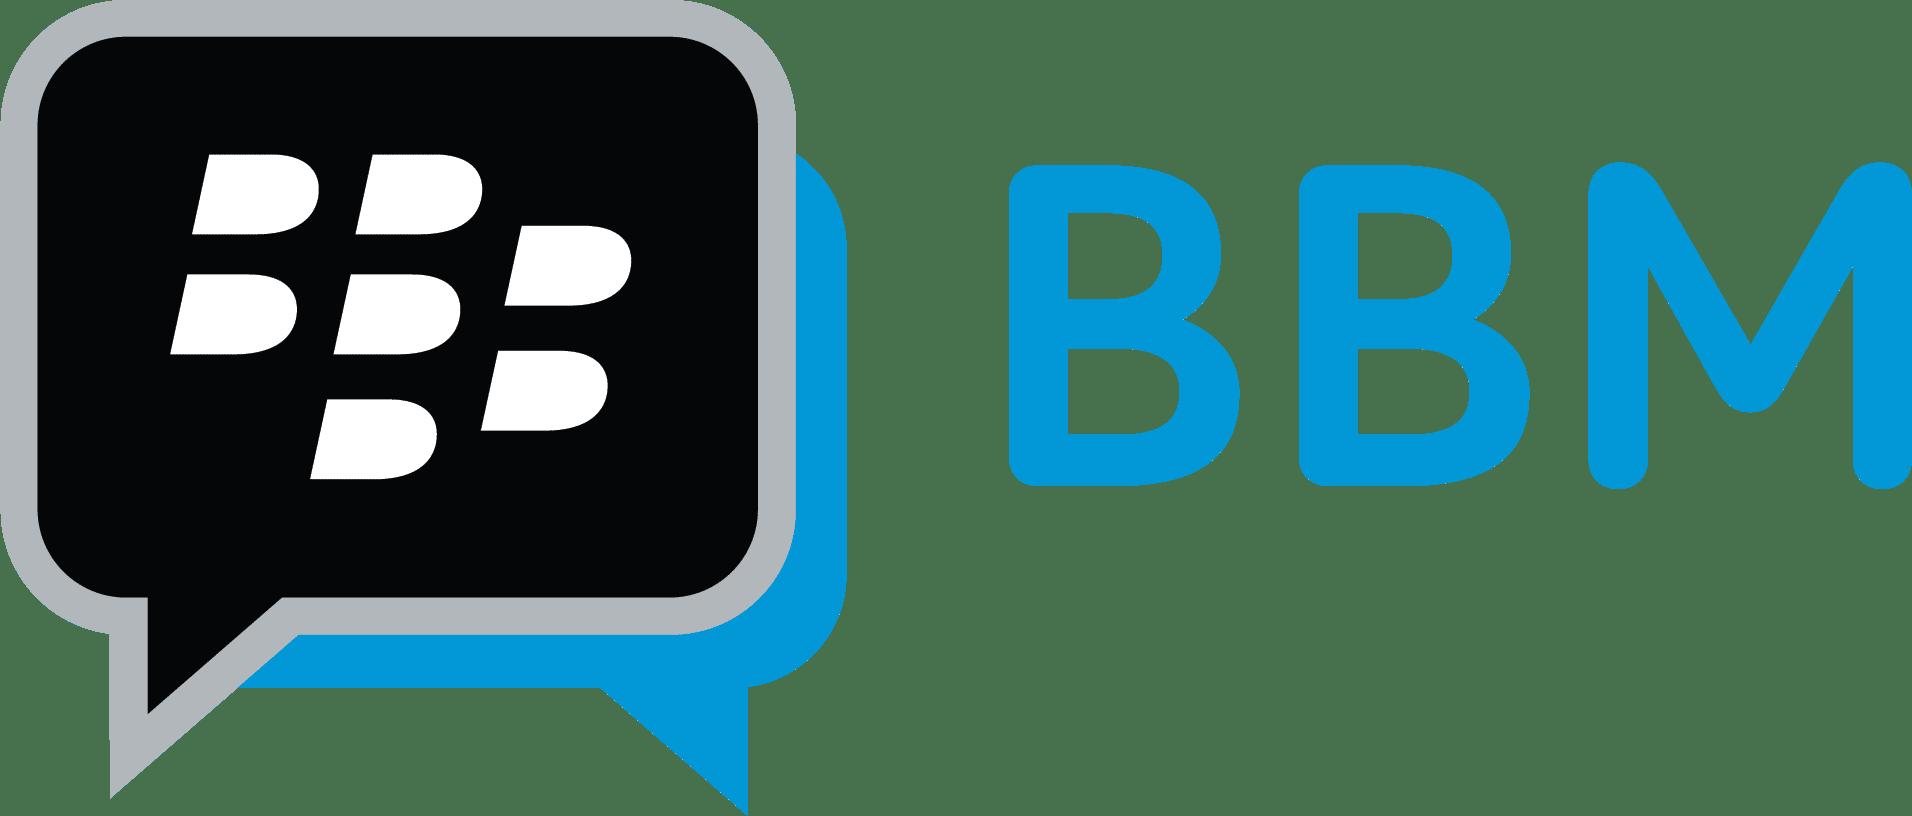 bbm logo 500x500 digital street rh digitalstreetsa com bbam logo bbm logout